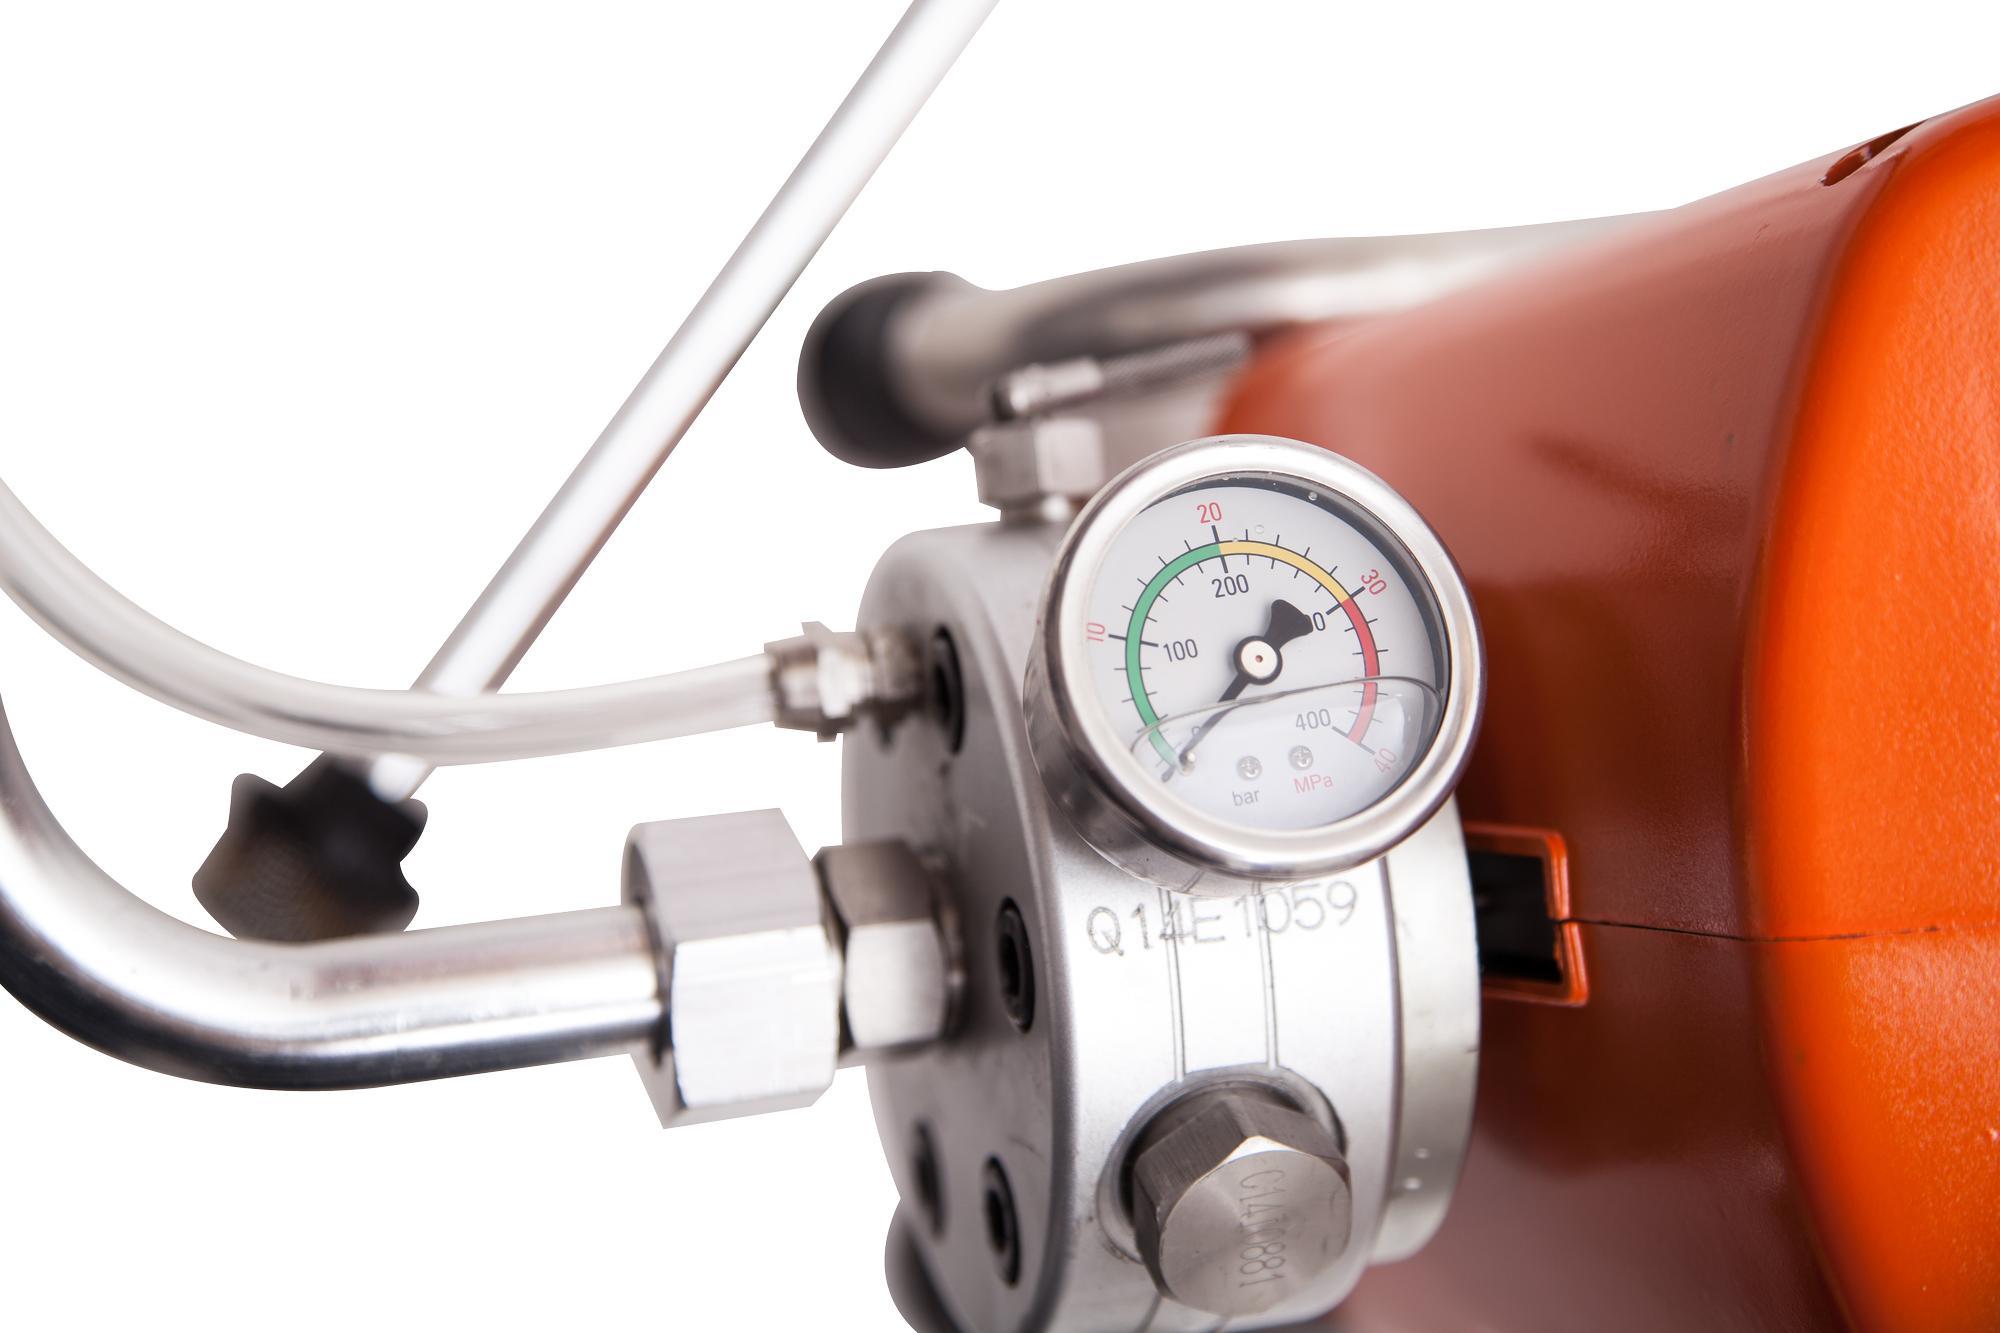 Аппарат окрасочный высокого давления ASPRO 3500